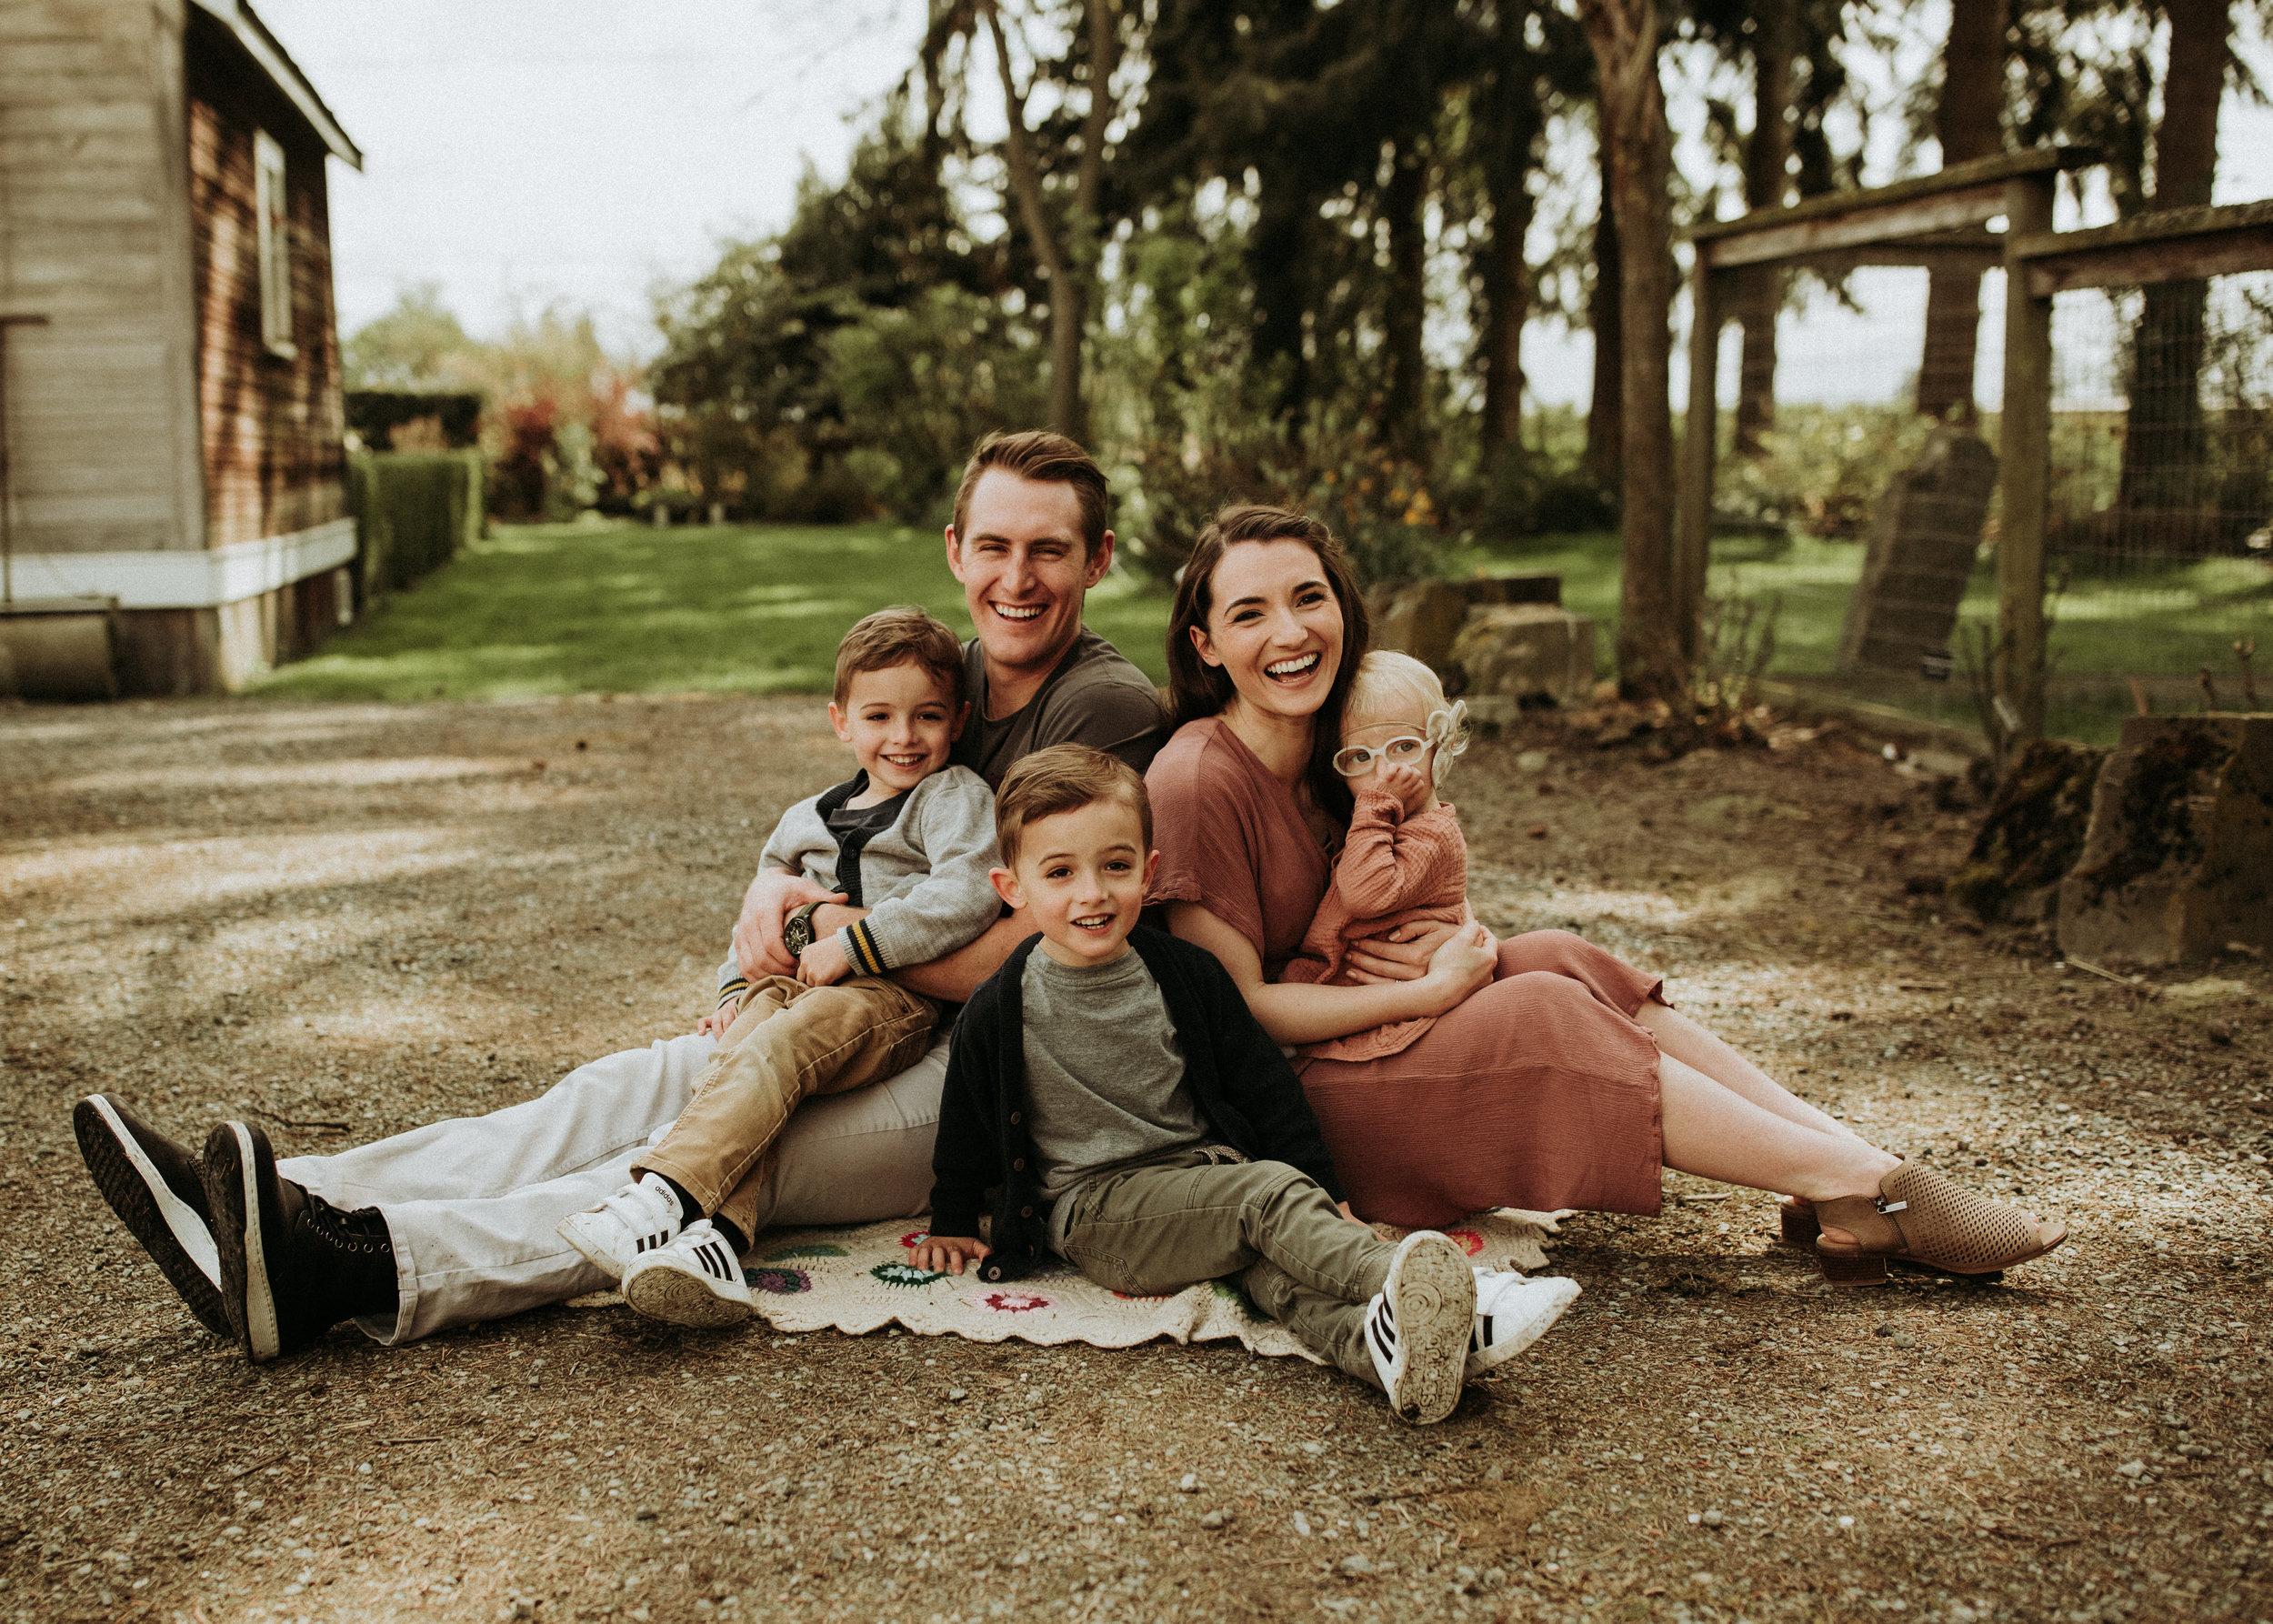 Family-Photographer-Bellingham-WA-Brianne-Bell-Photograpy-(Bennett)-61.jpg